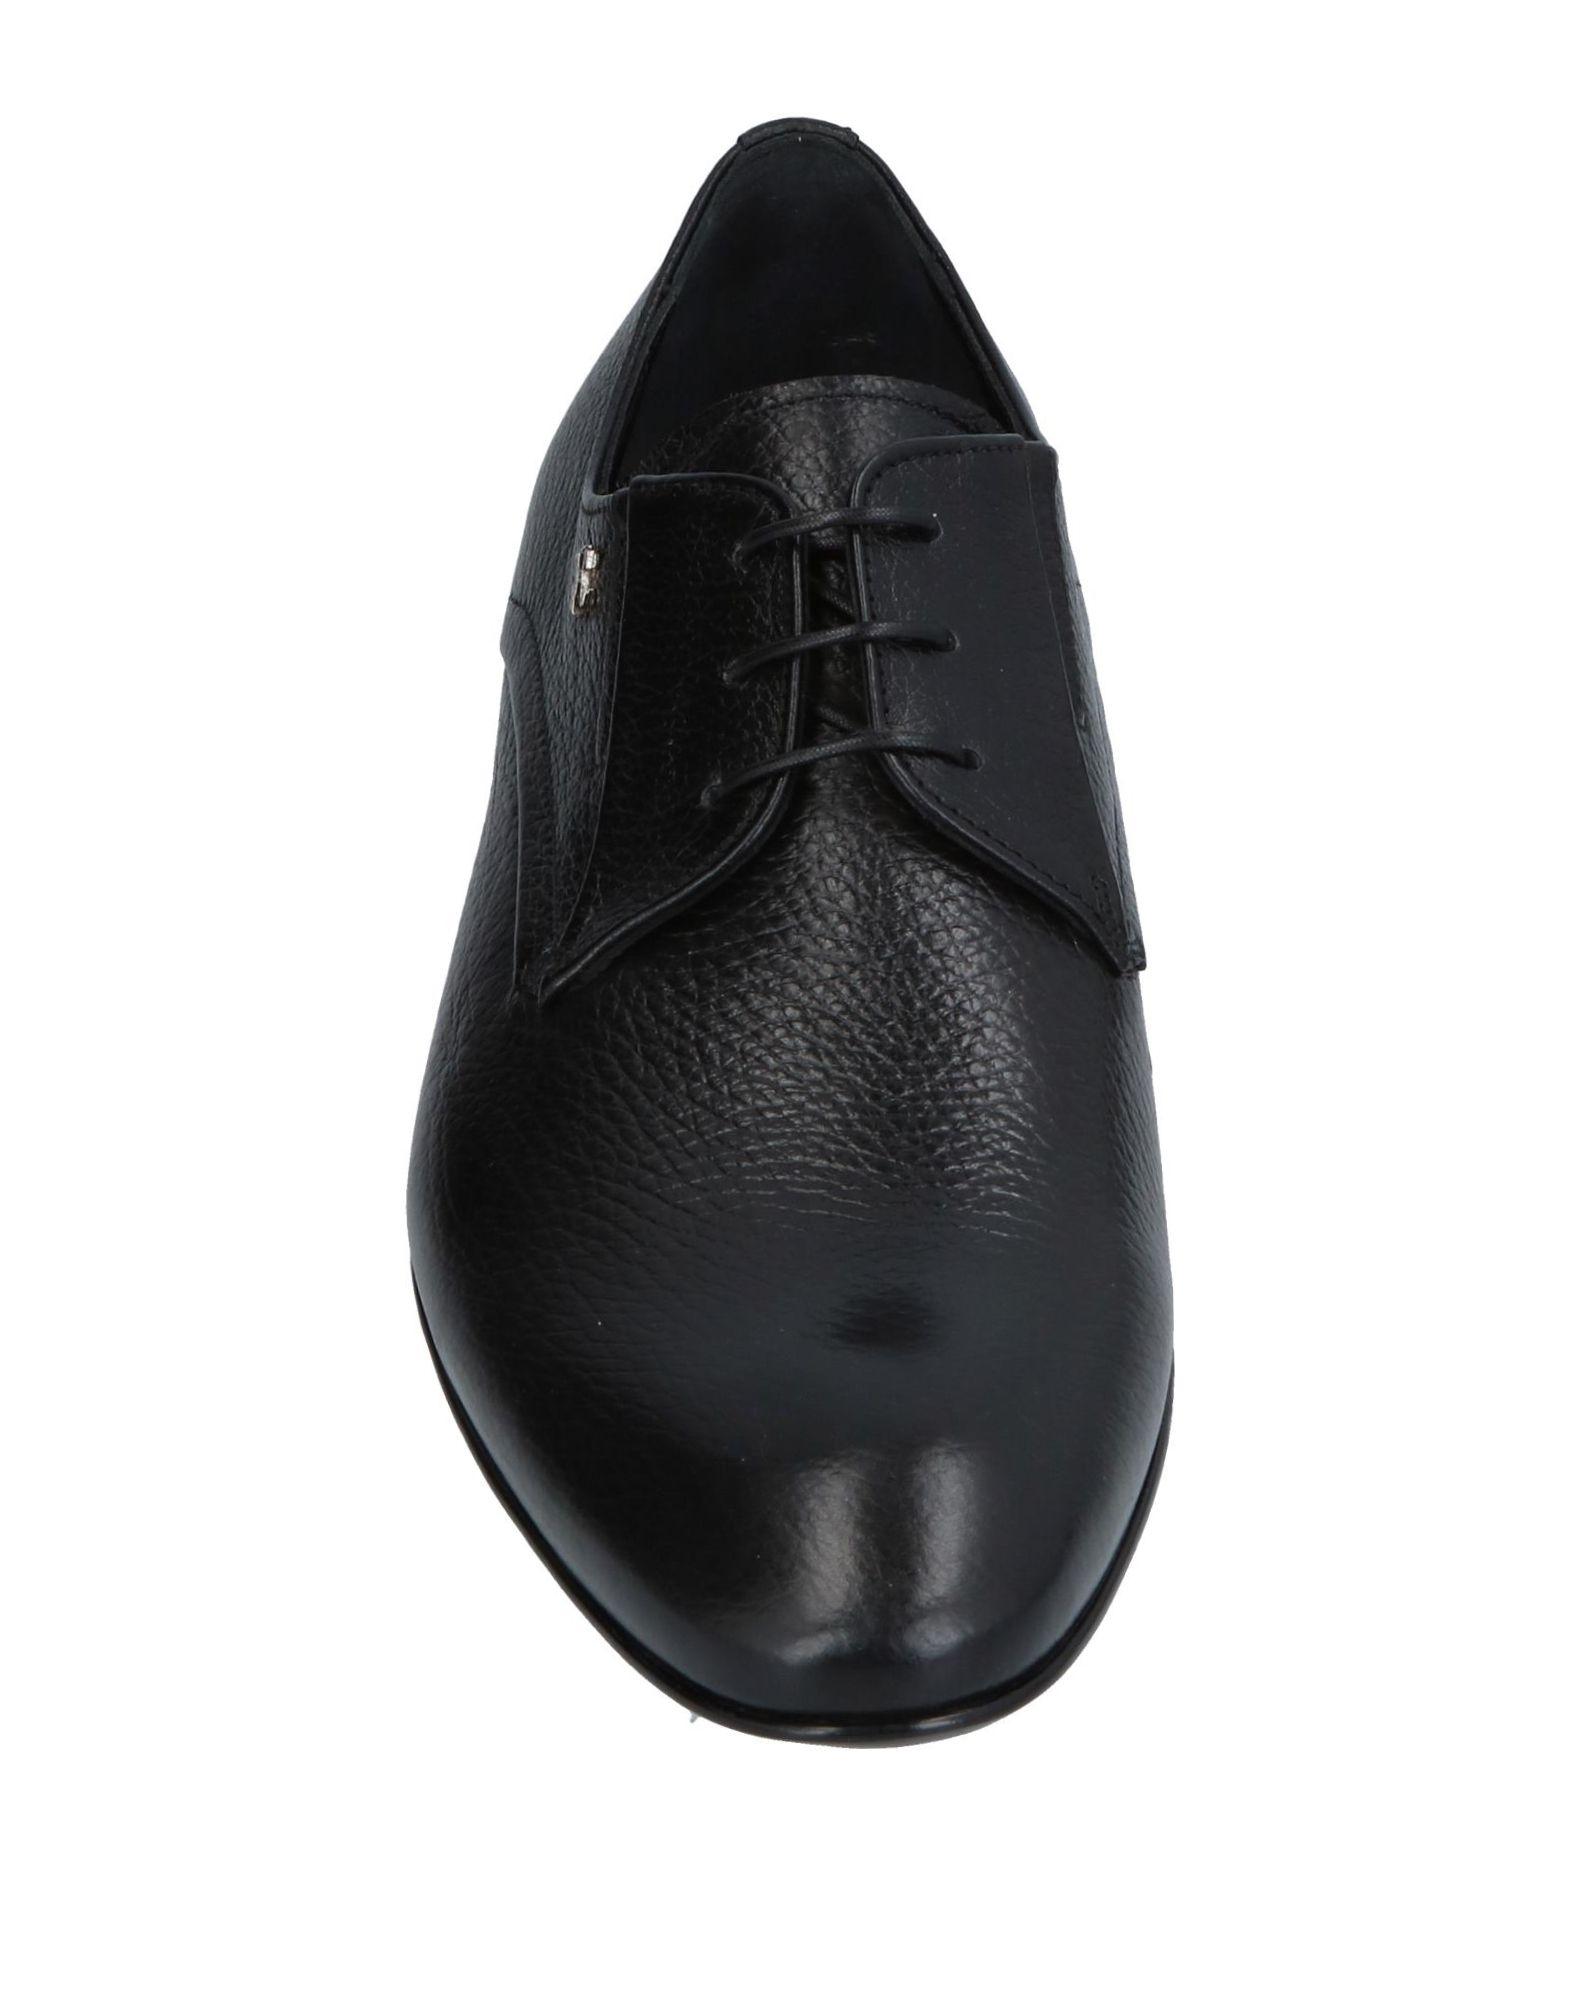 Giovanni Conti Schnürschuhe Herren  11412548NJ 11412548NJ  Neue Schuhe dc9223